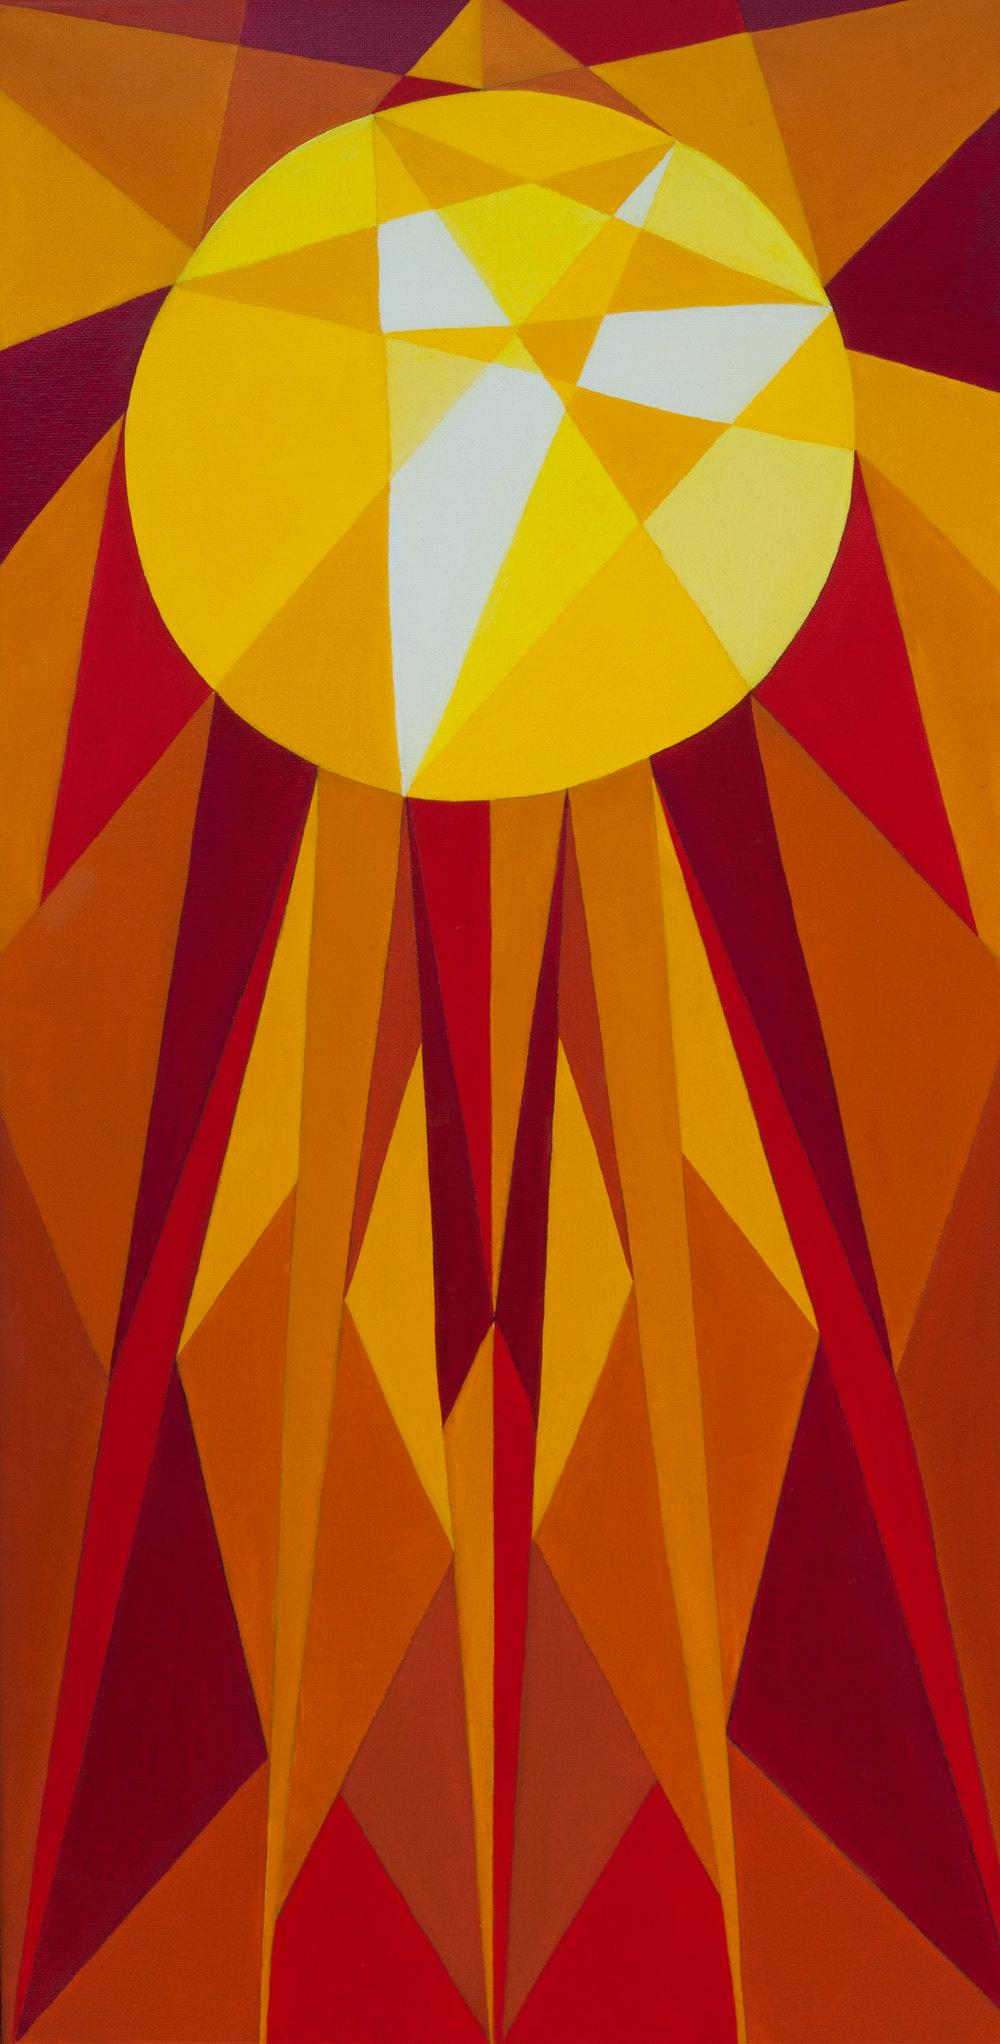 Sun / 12x24in / Oil